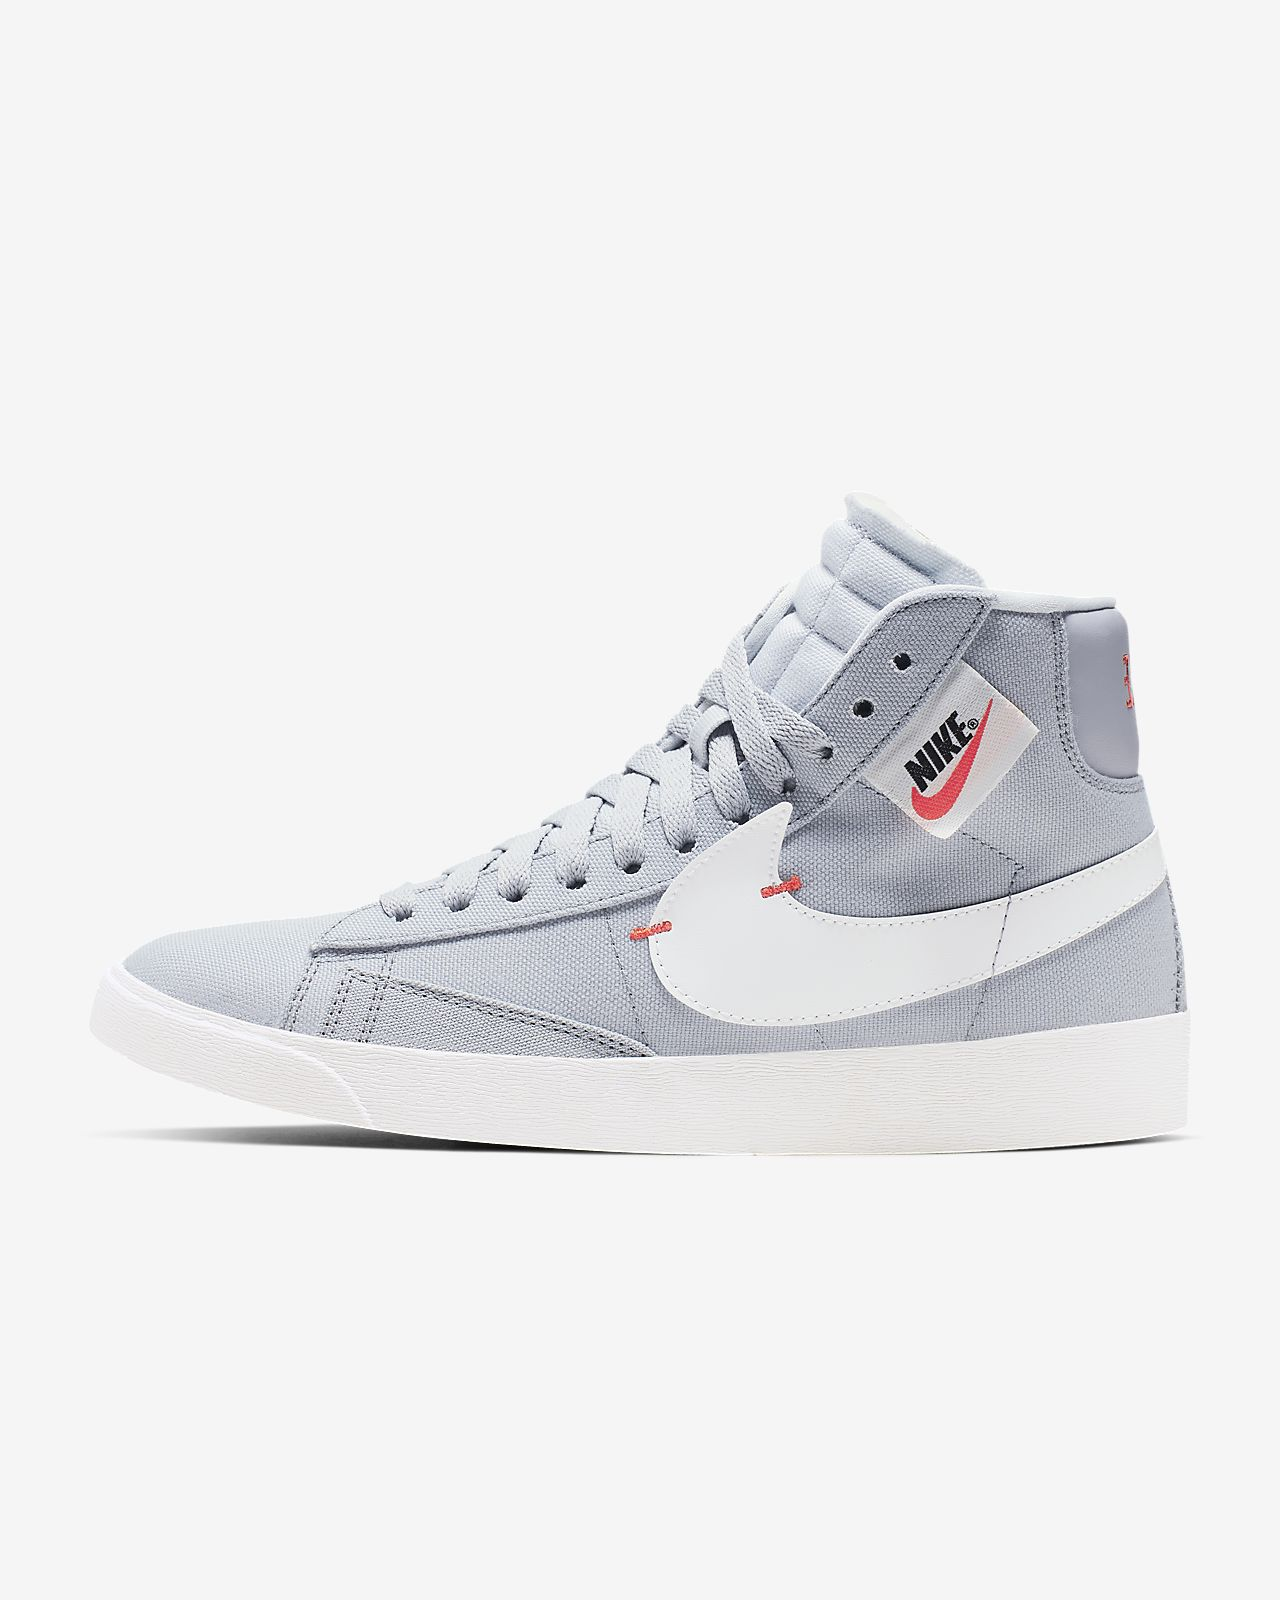 Nike Blazer Women's Shoe Rebel Mid vN8nOm0w